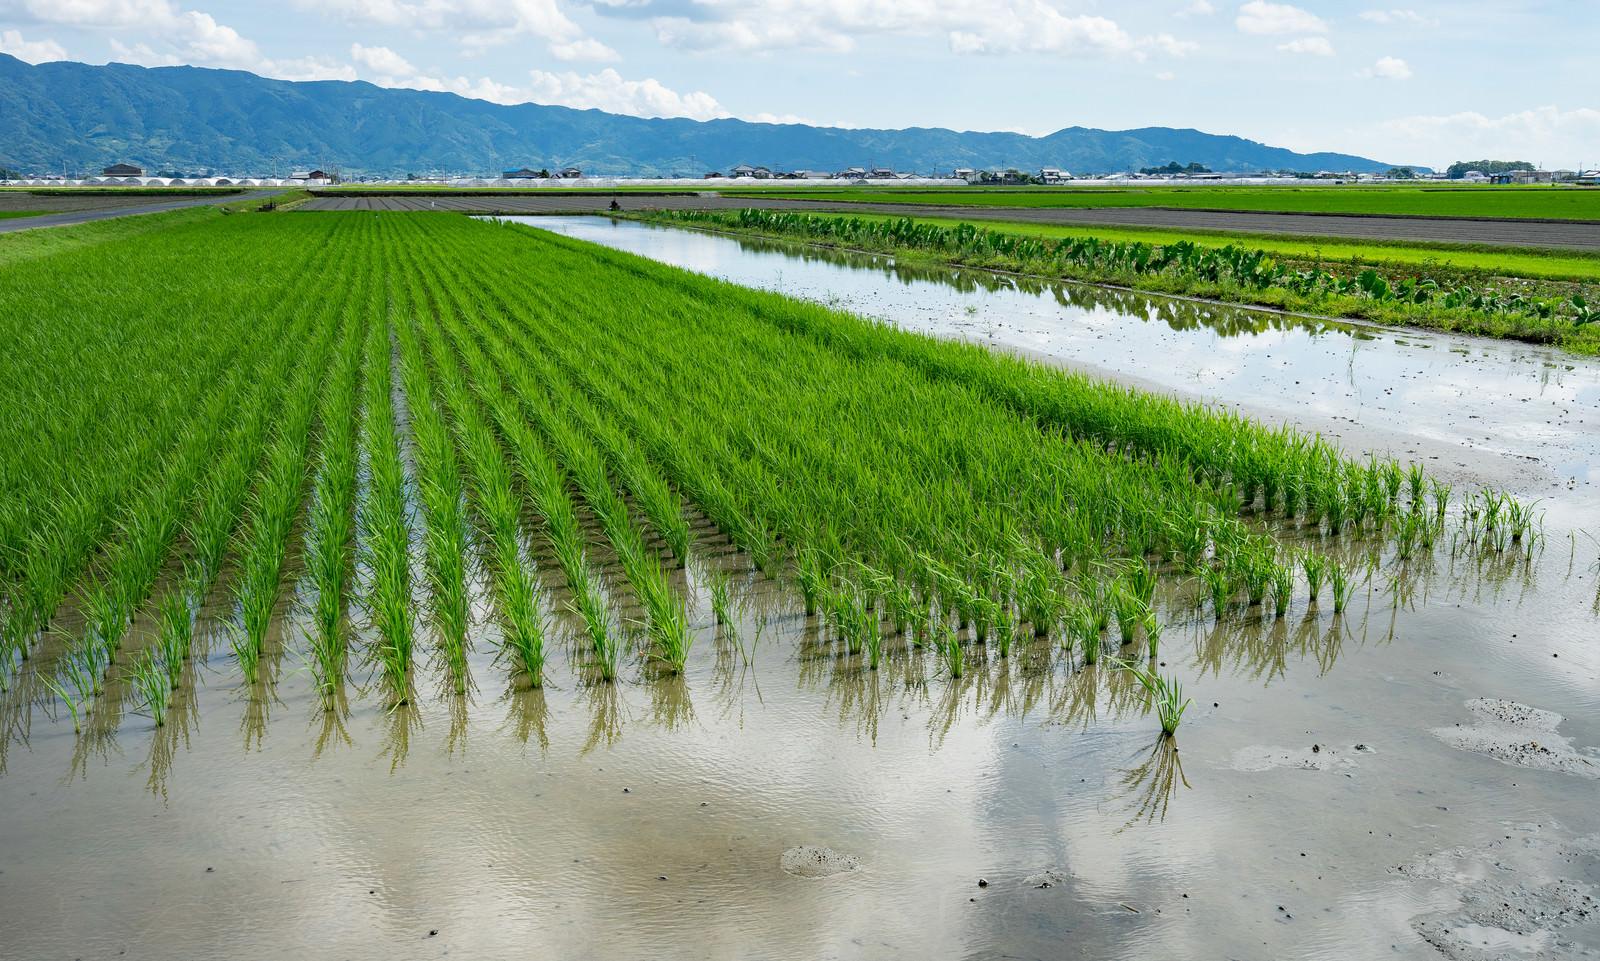 「稲が植えられた田んぼ」の写真